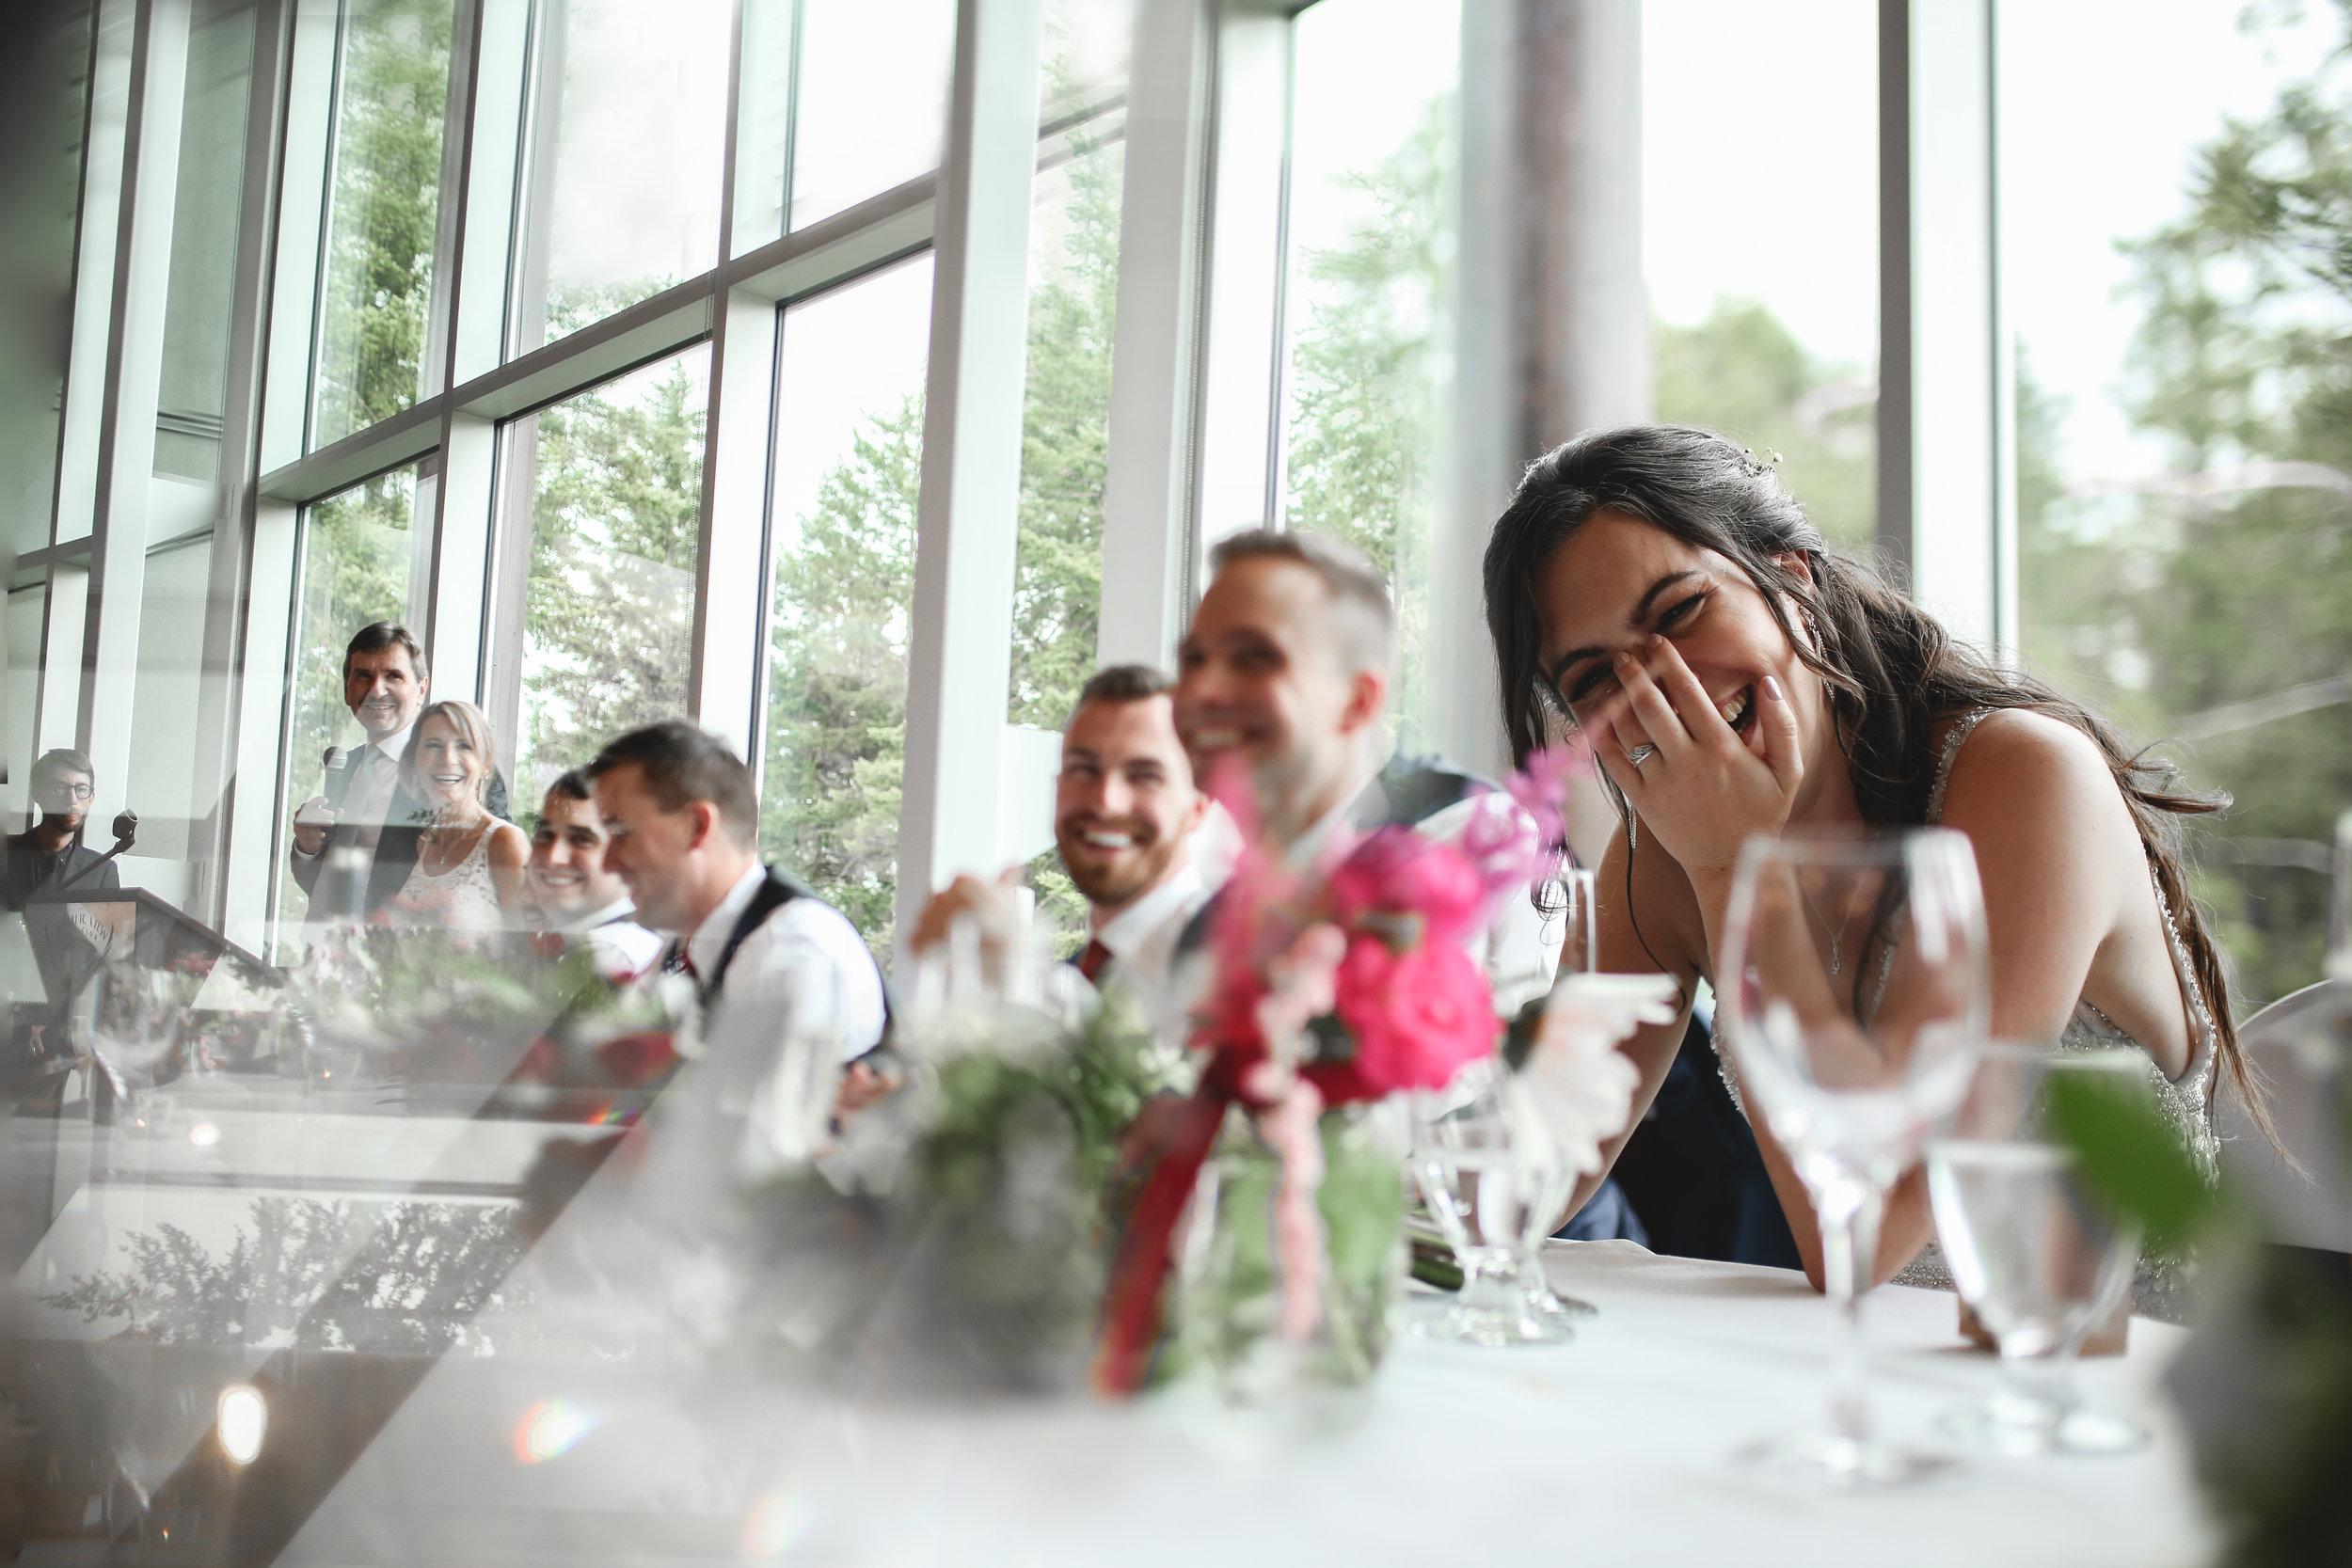 28 Adam Ziorio Photography - Allison & Austin's Wedding.jpg